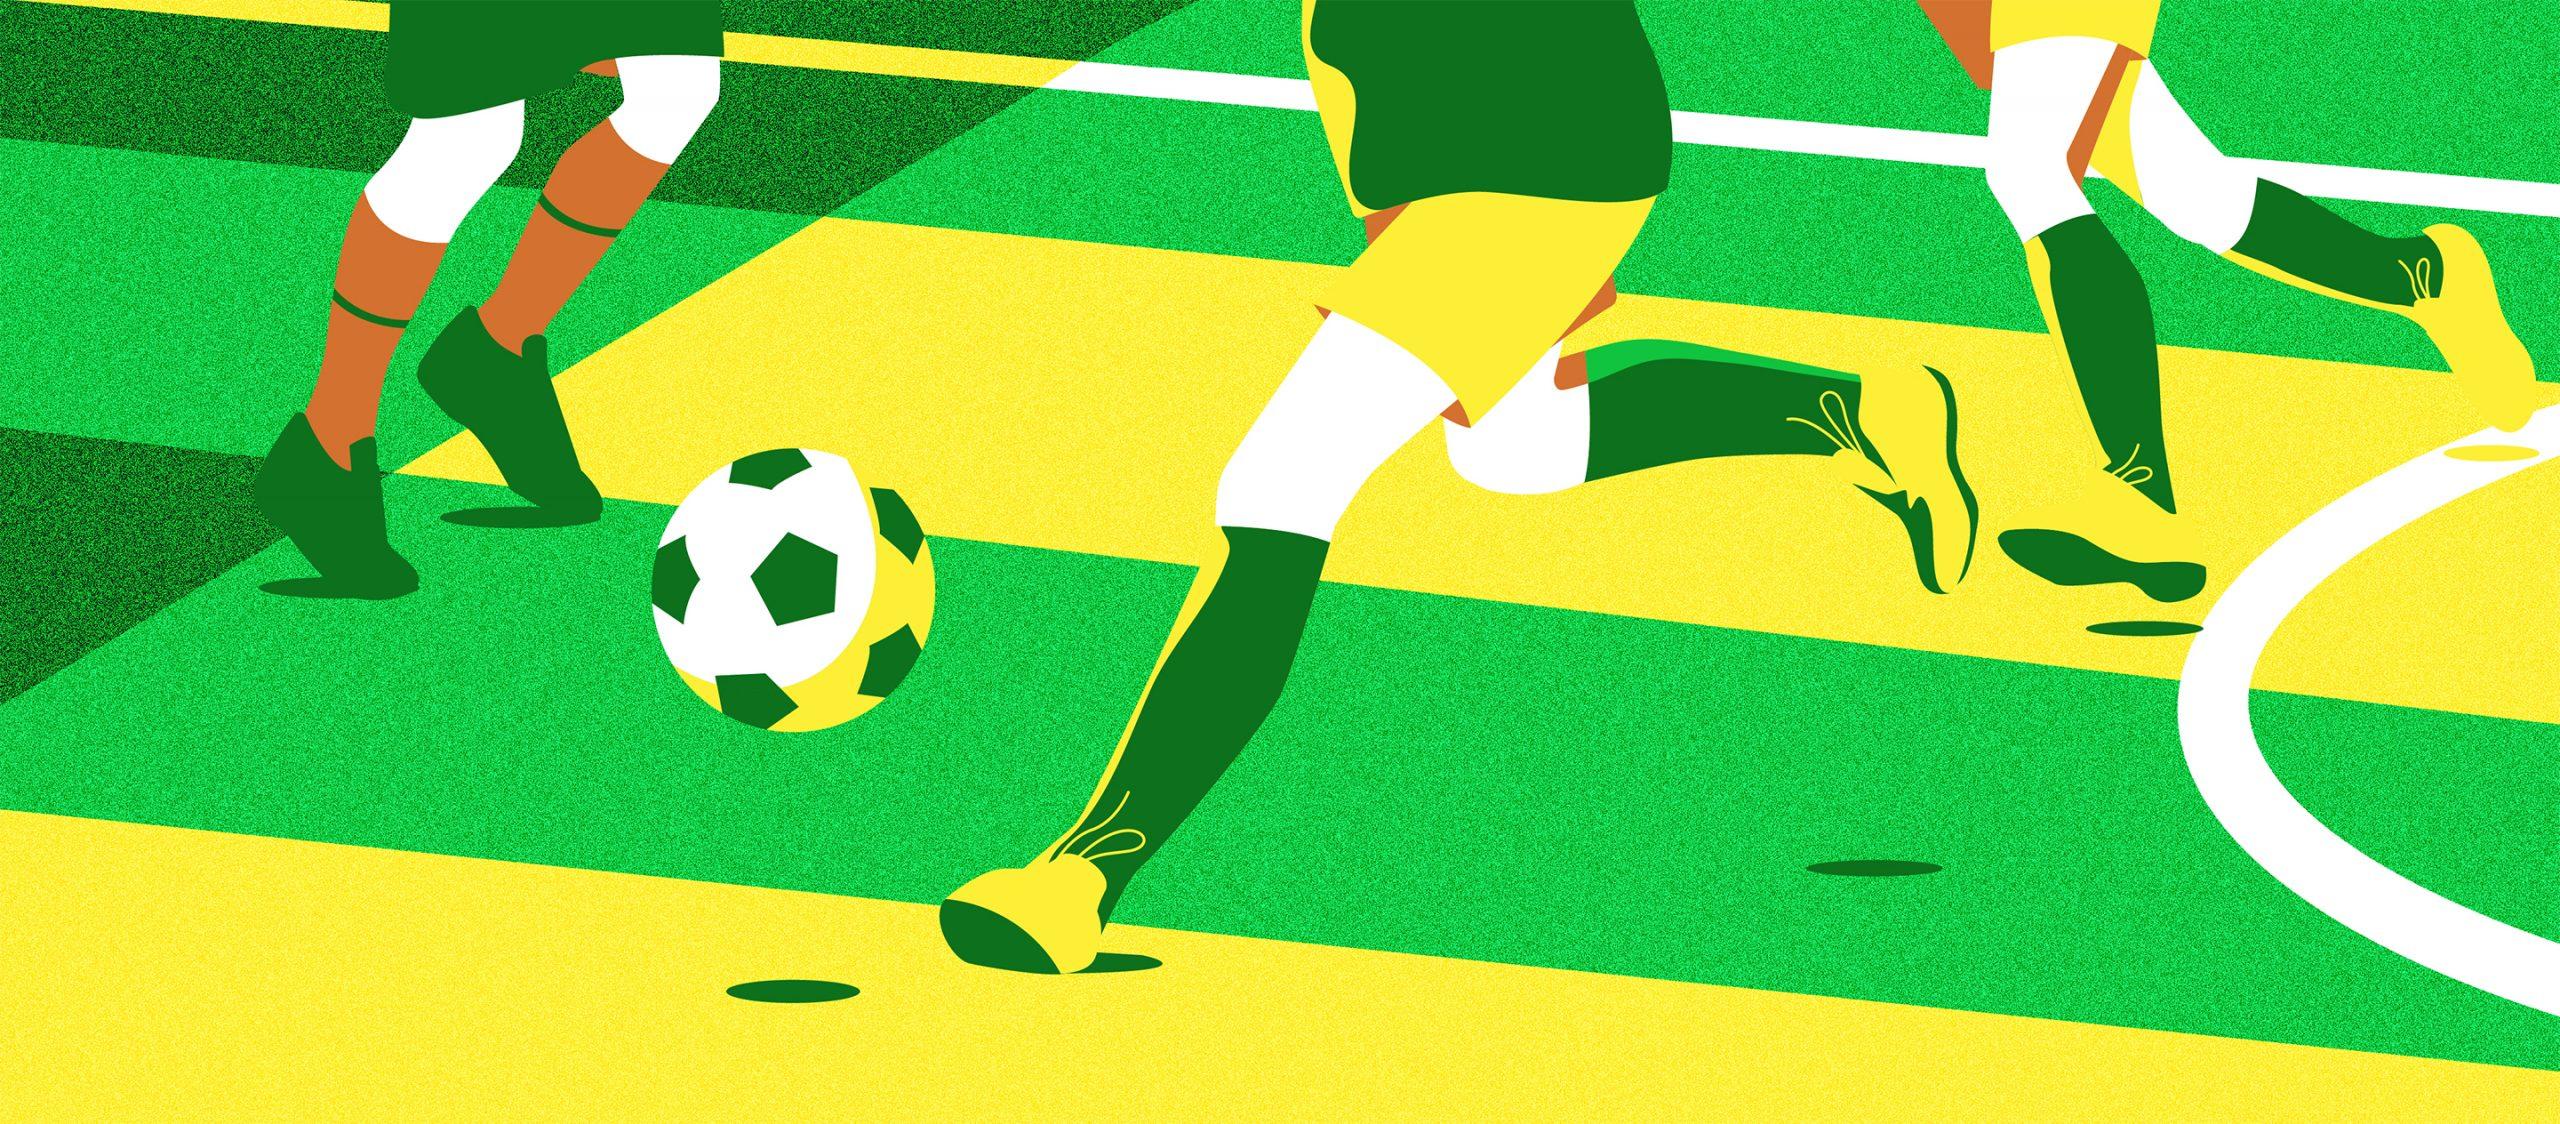 'เล่นกีฬา พาสำเร็จ' งานวิจัยชี้เด็กที่เล่นกีฬาเป็นทีมทำให้เติบโตเป็นผู้ใหญ่ที่ประสบความสำเร็จในชีวิต